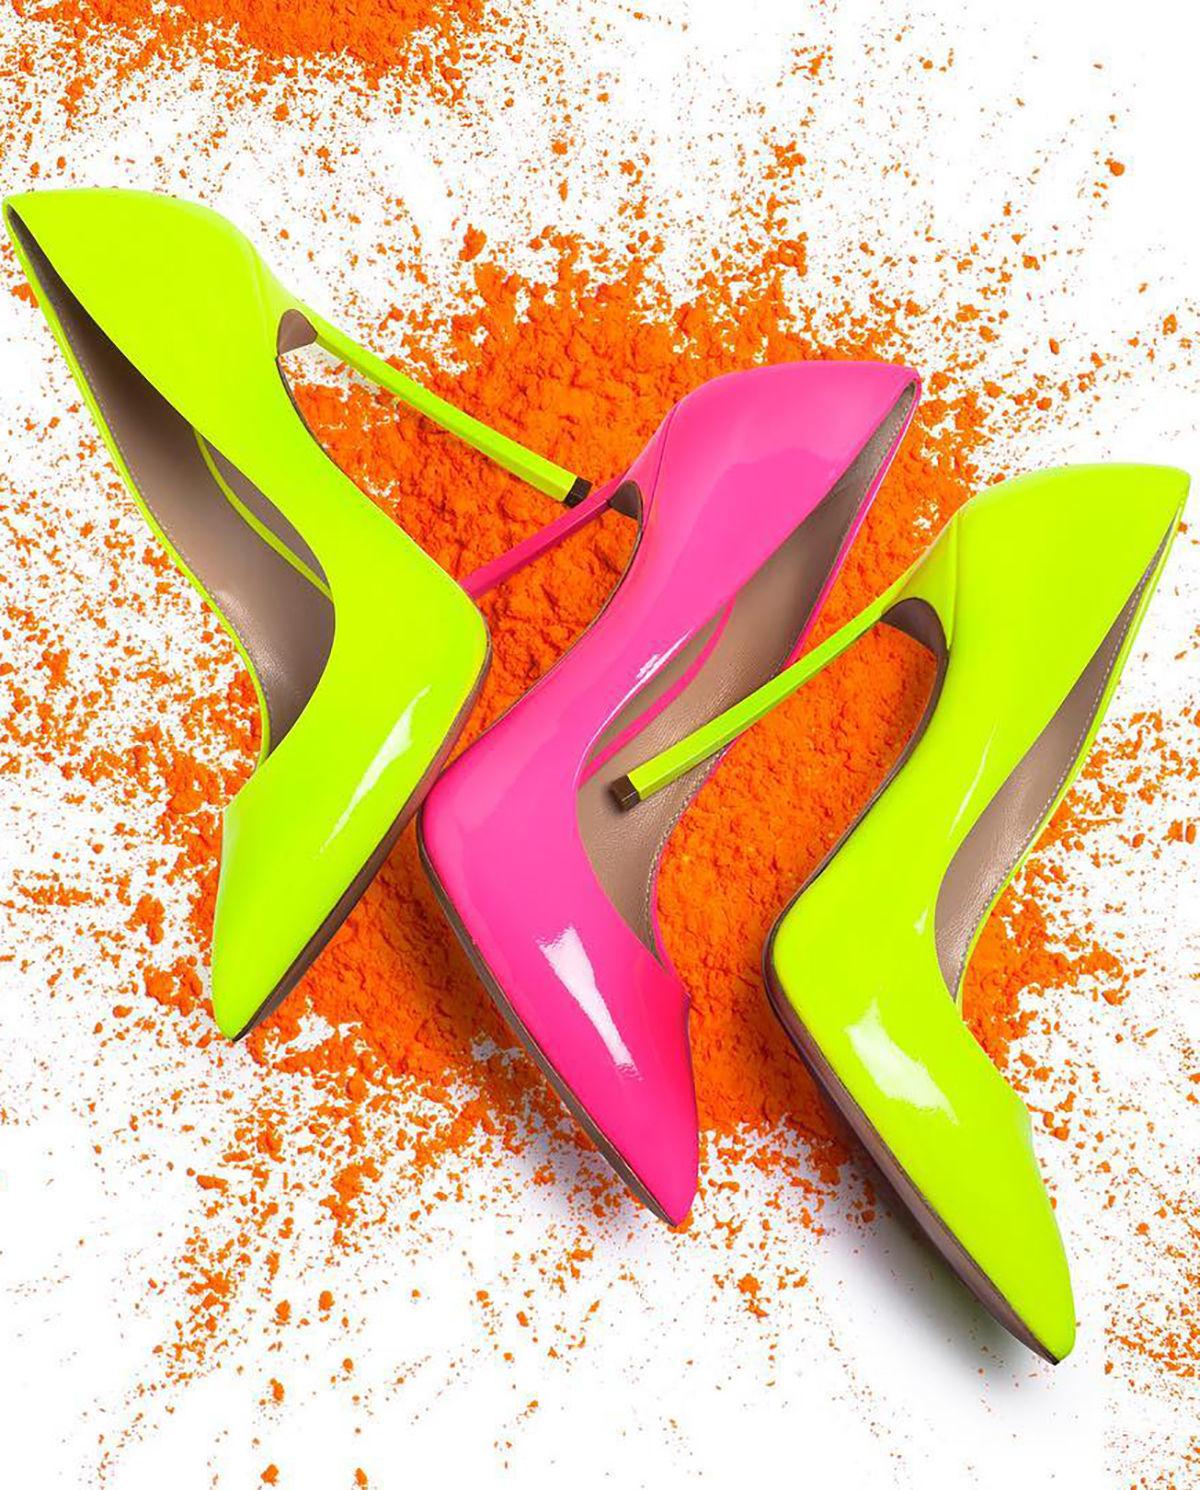 Szpilki Blade Fluo Casadei w kolorach różowym, zielonym